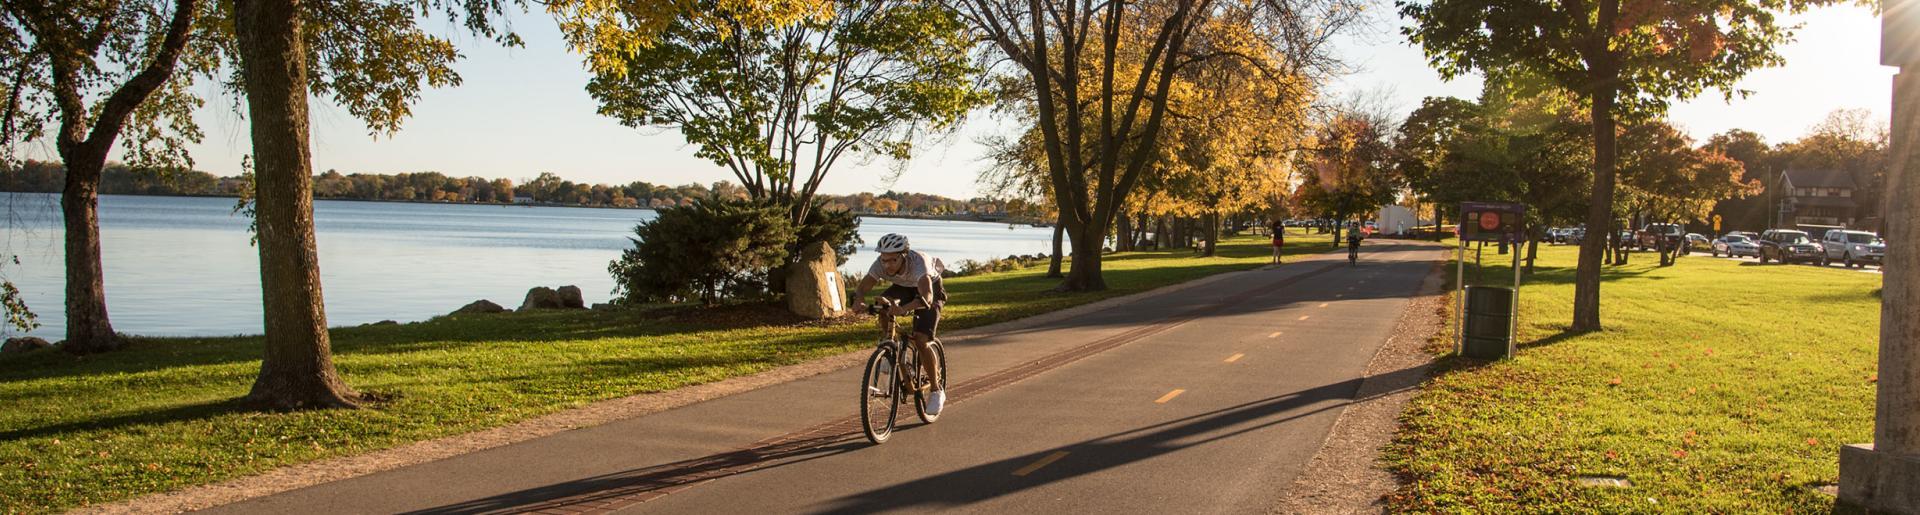 Fall Bike Path